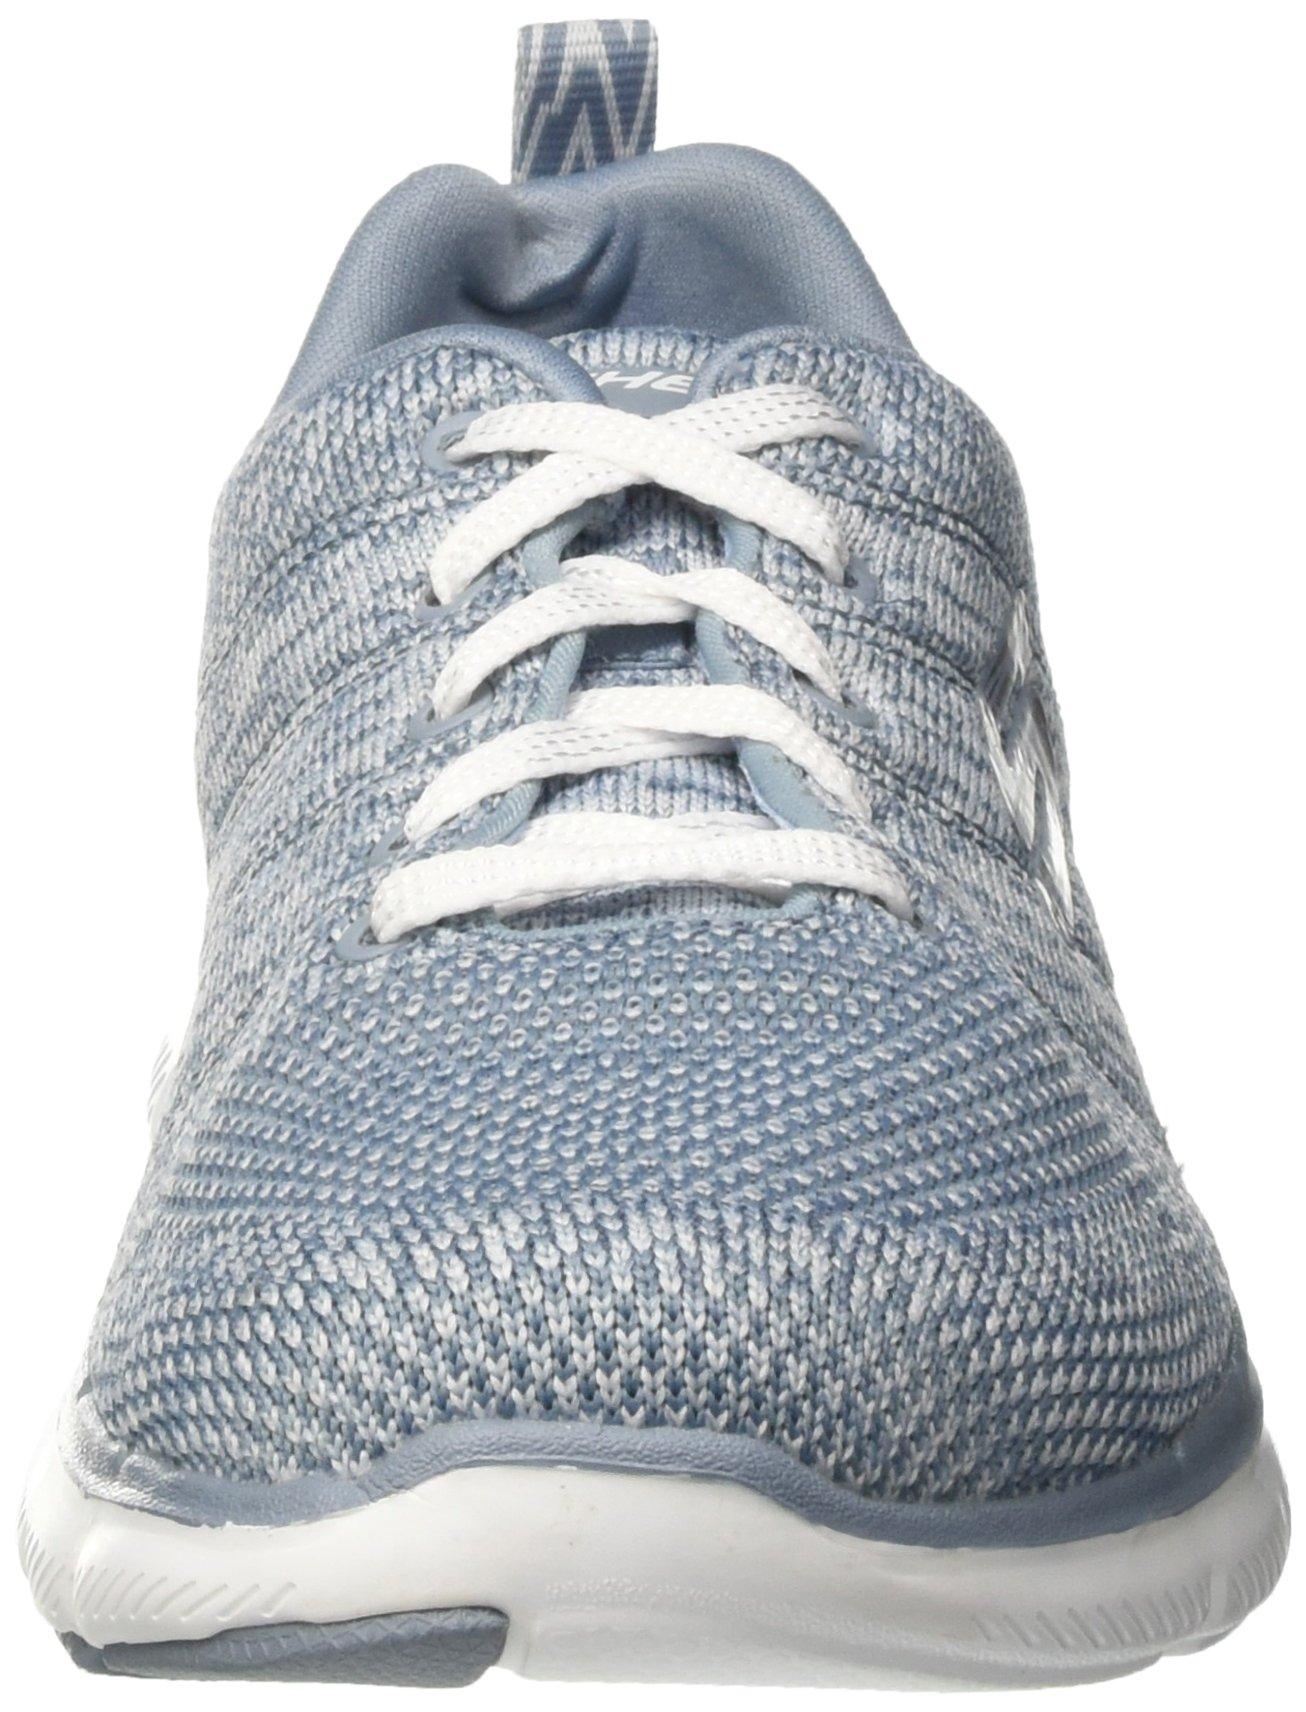 Skechers Flex Appeal 2.0-High Energy, Zapatillas Mujer